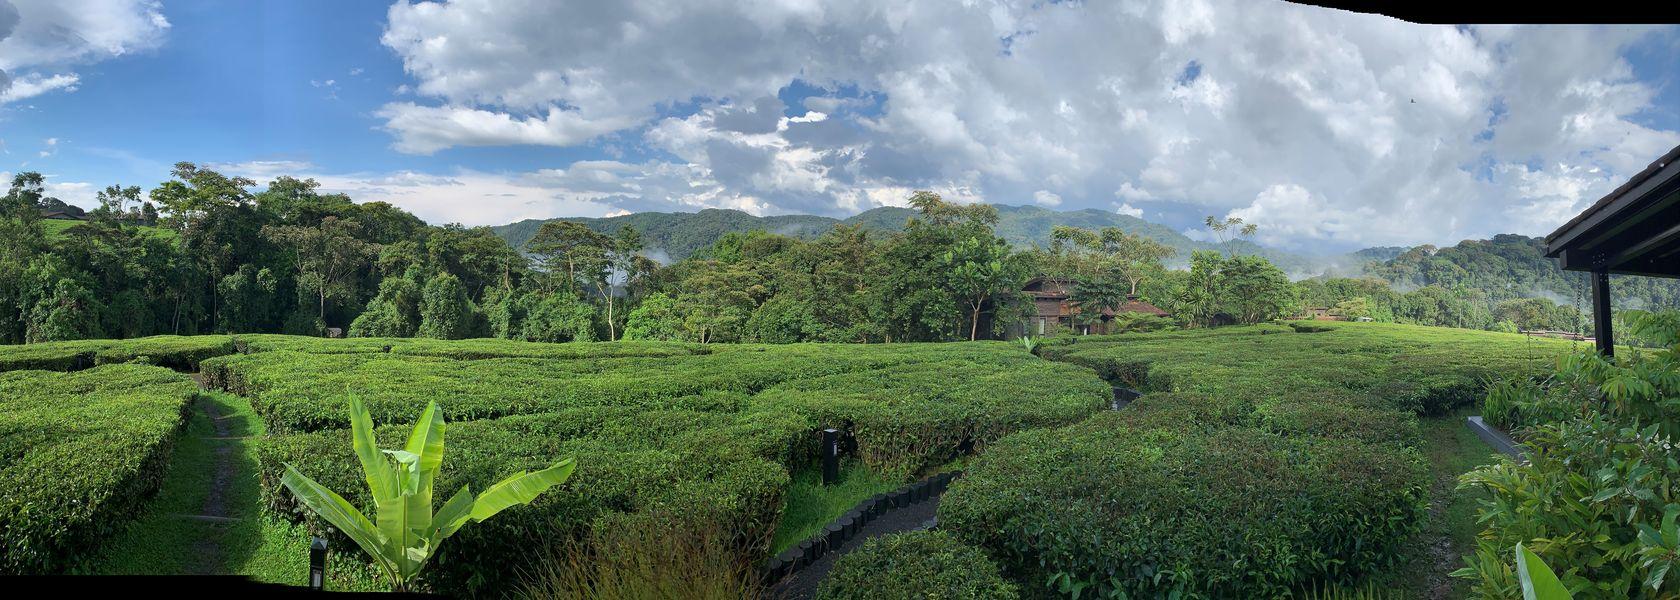 Rwanda reizen - Rwanda rondreis - vakantie reis Rwanda